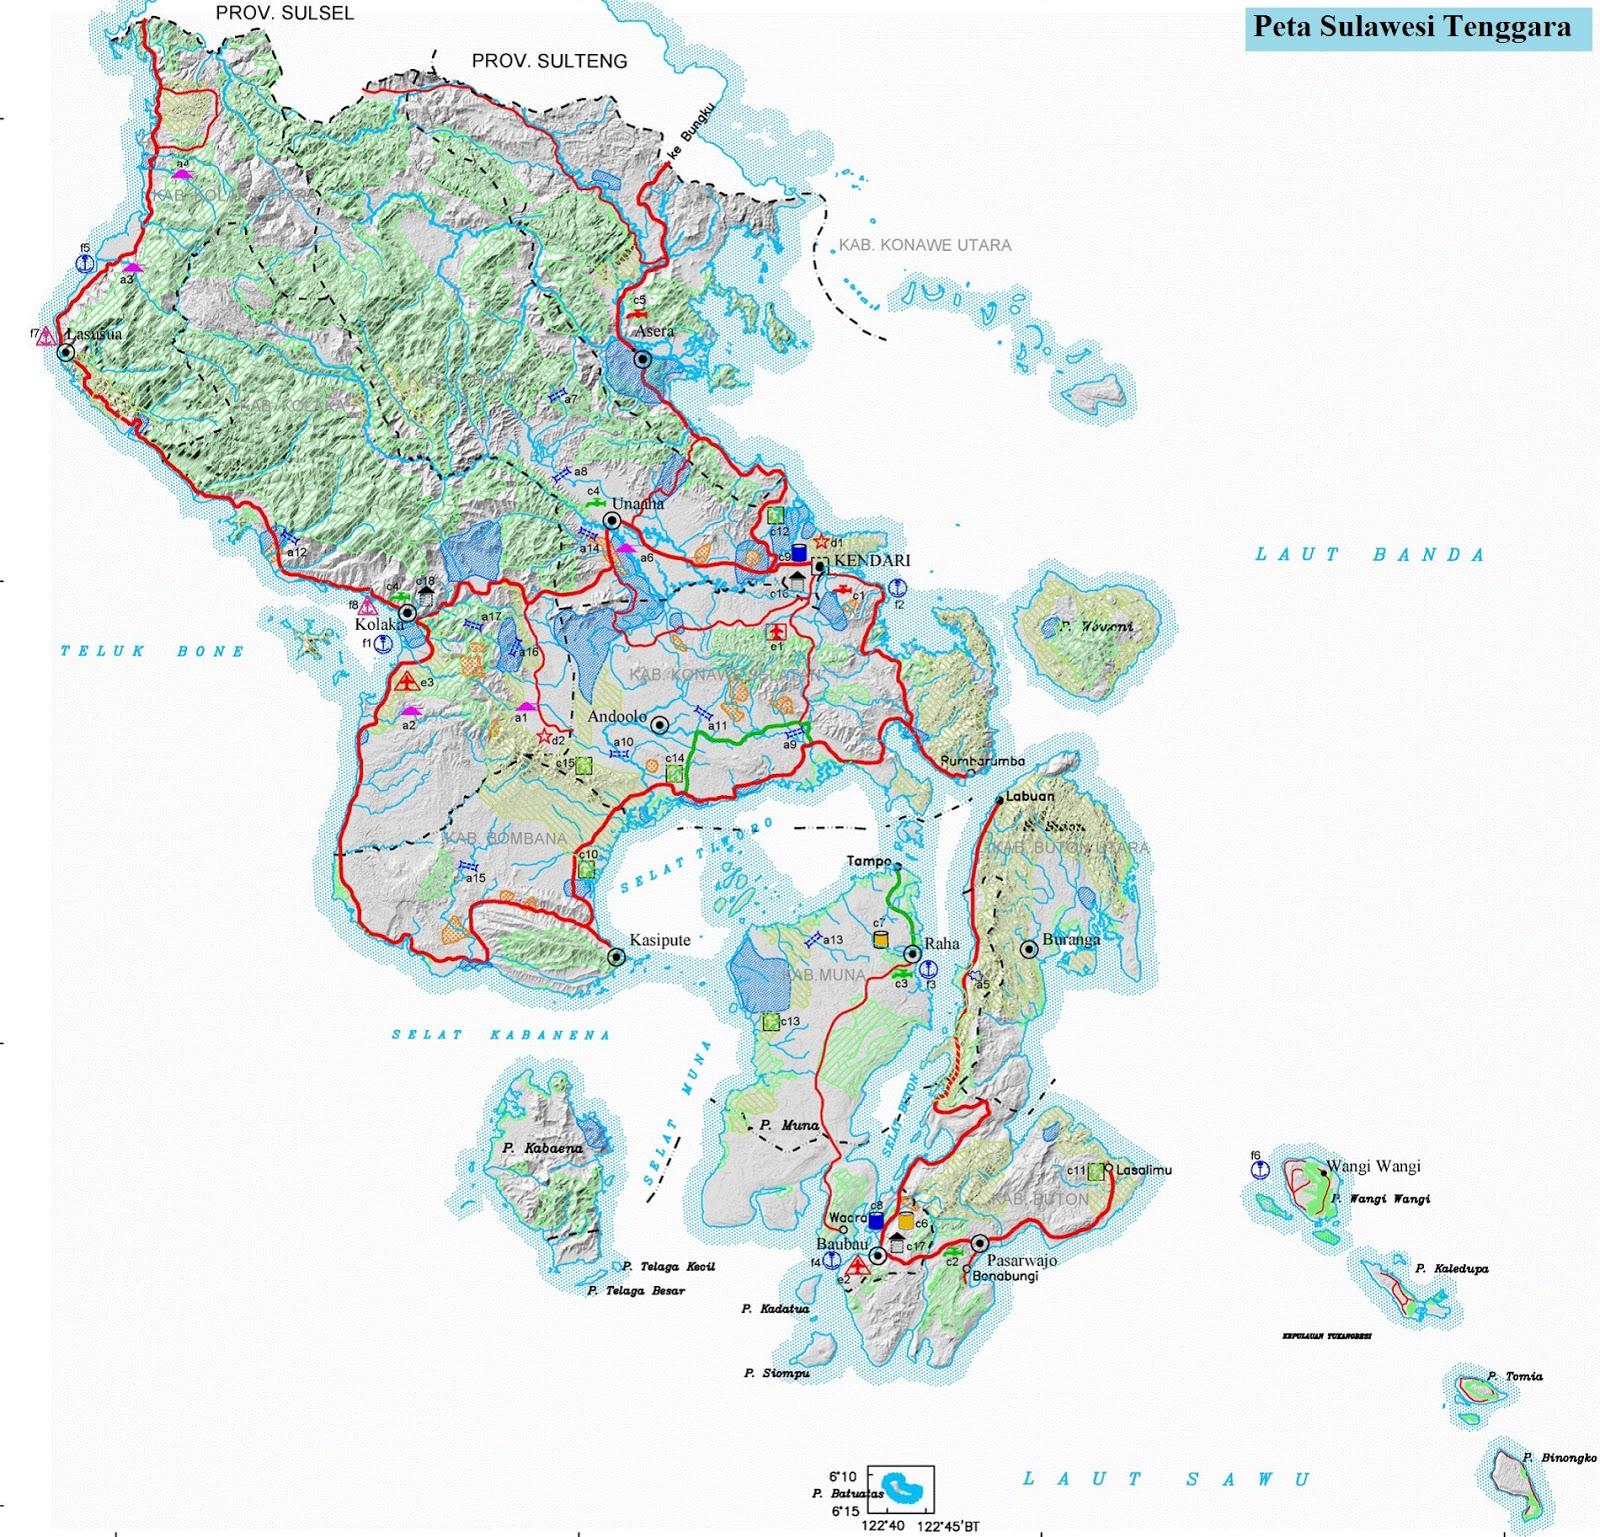 Peta Sulawesi Tenggara HD